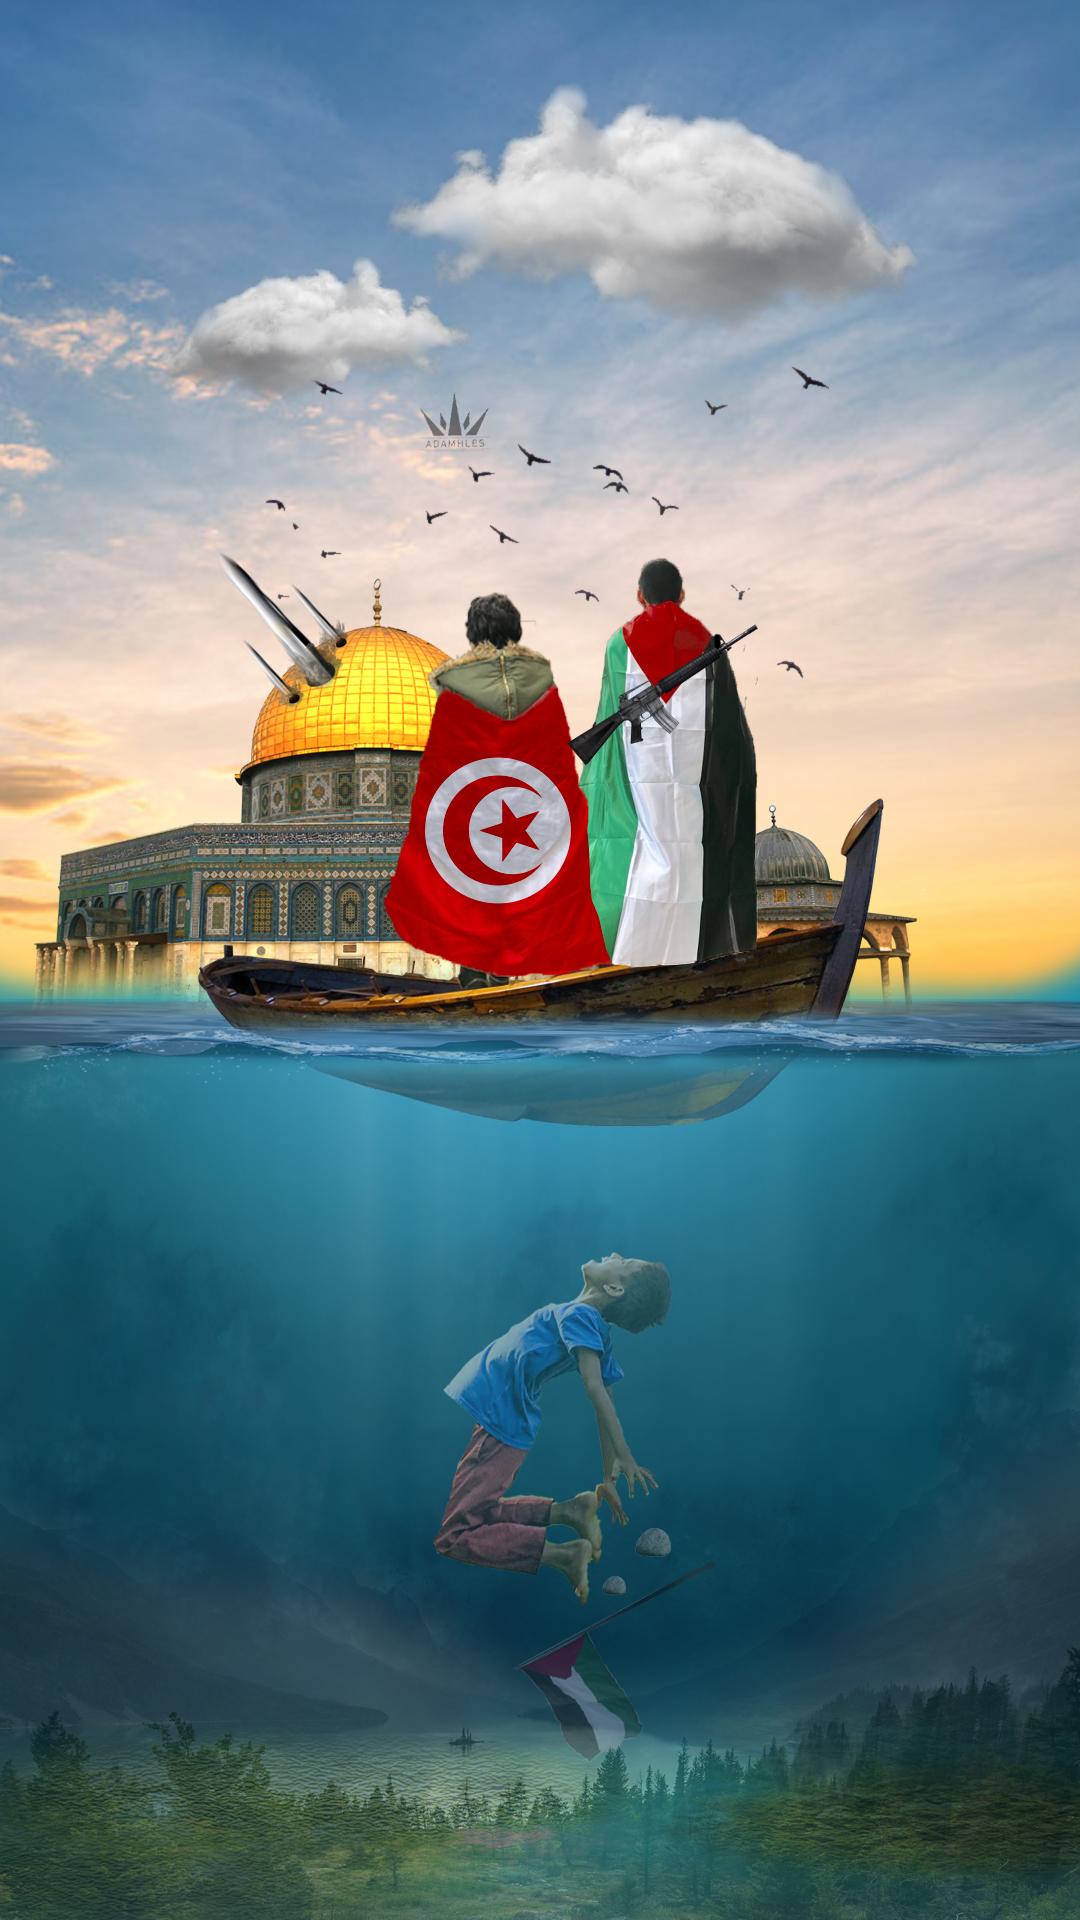 اجمل خلفية تصامن مع فلسطين علم تونس وعلم فلسطين Flag Palestine and Tunisia